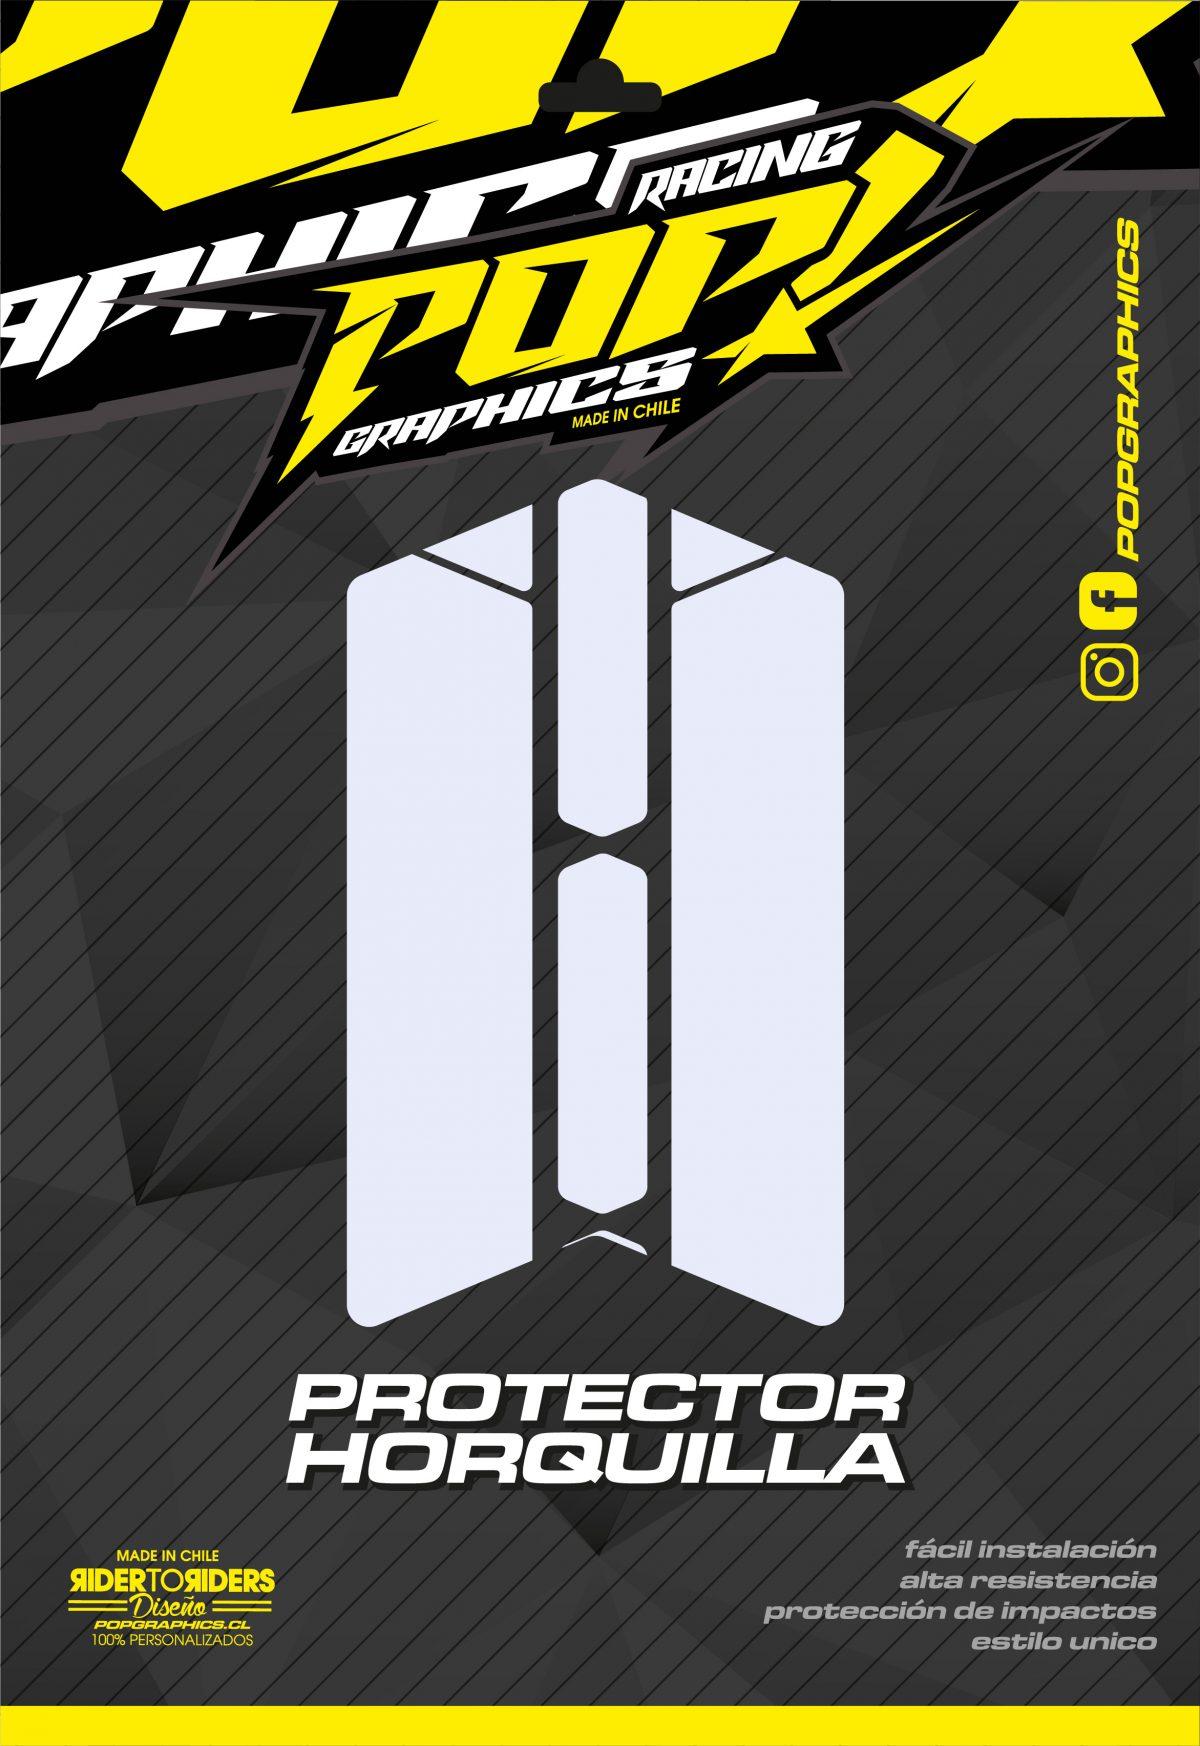 Protector horquilla transparente